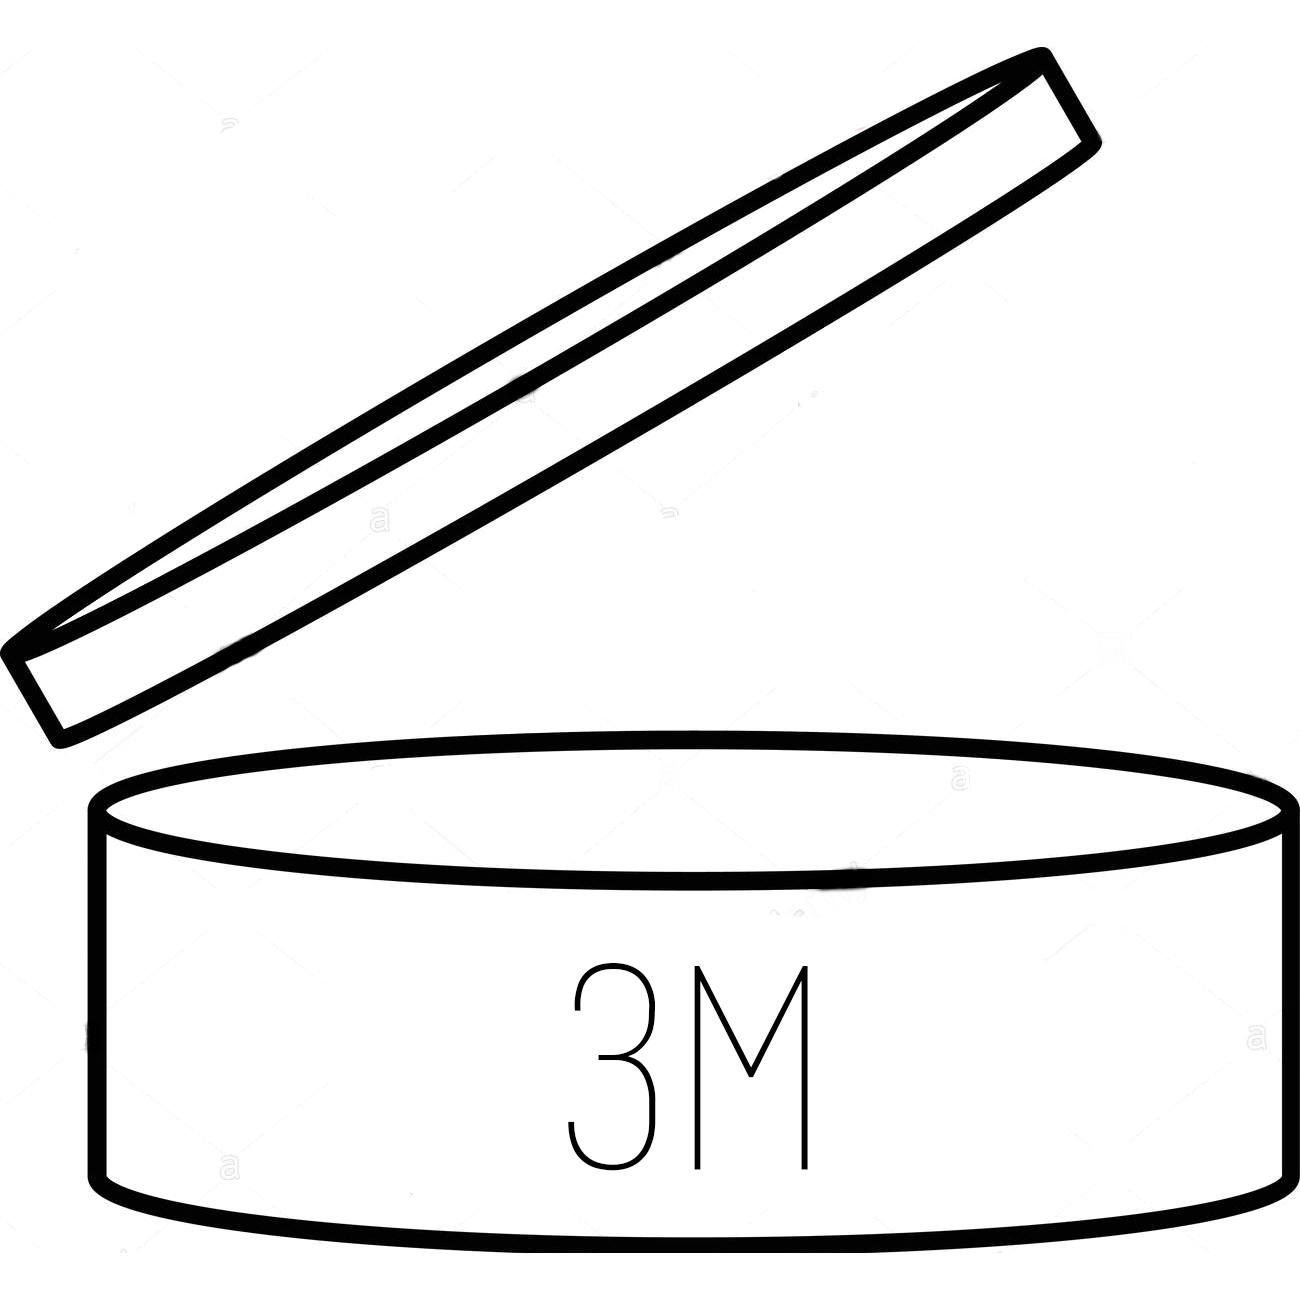 pao 3m